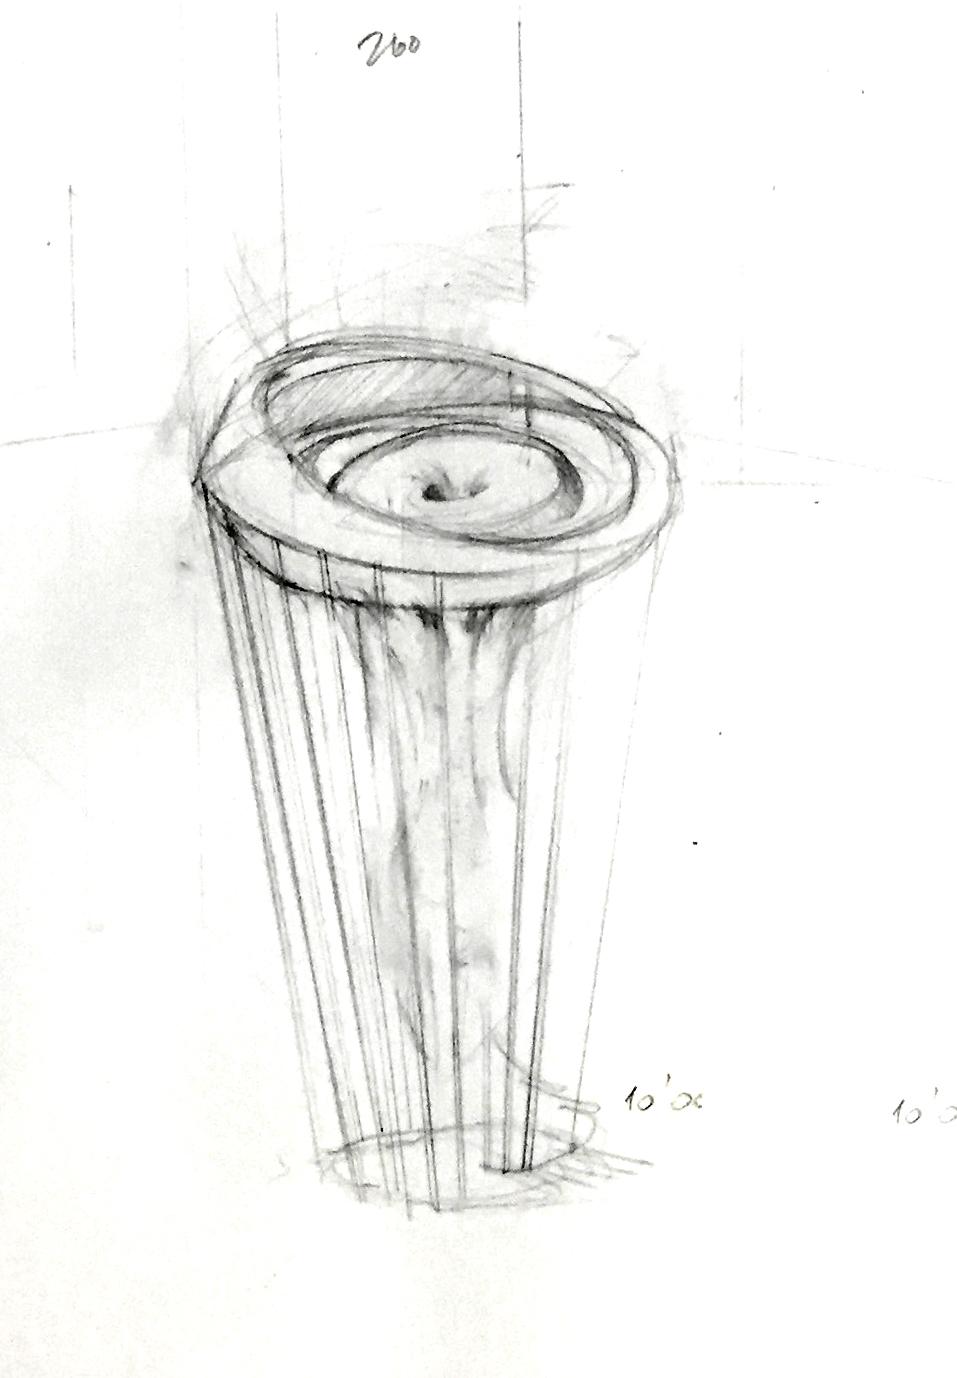 Console_Sketch02